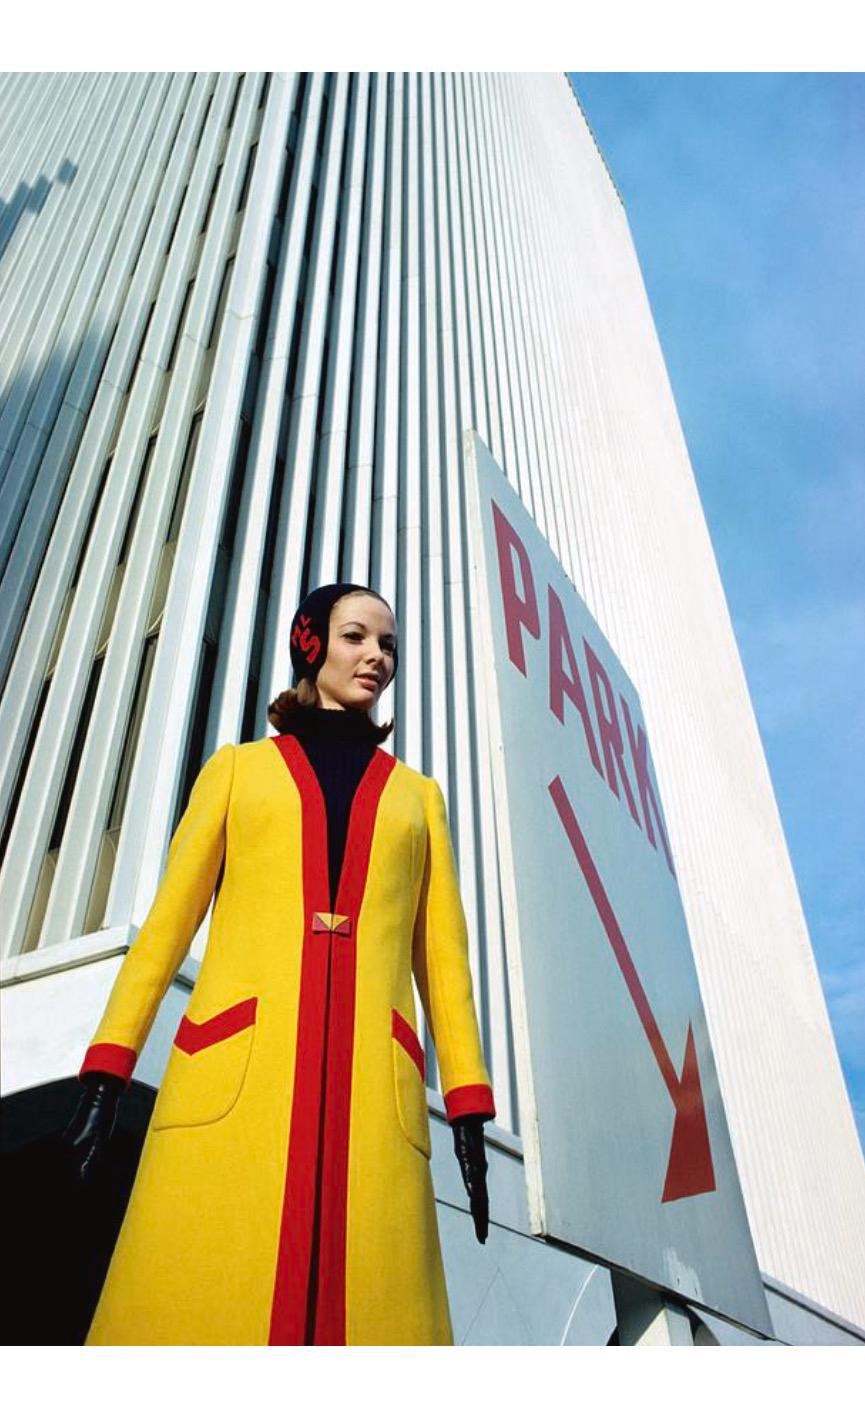 グラマー 1966年2月:ボーイング社の従業員メリー・ルイーズがシアトル・ワールド・フェア(シアトル万国博覧会)会場で黄色と赤色のコート着用。